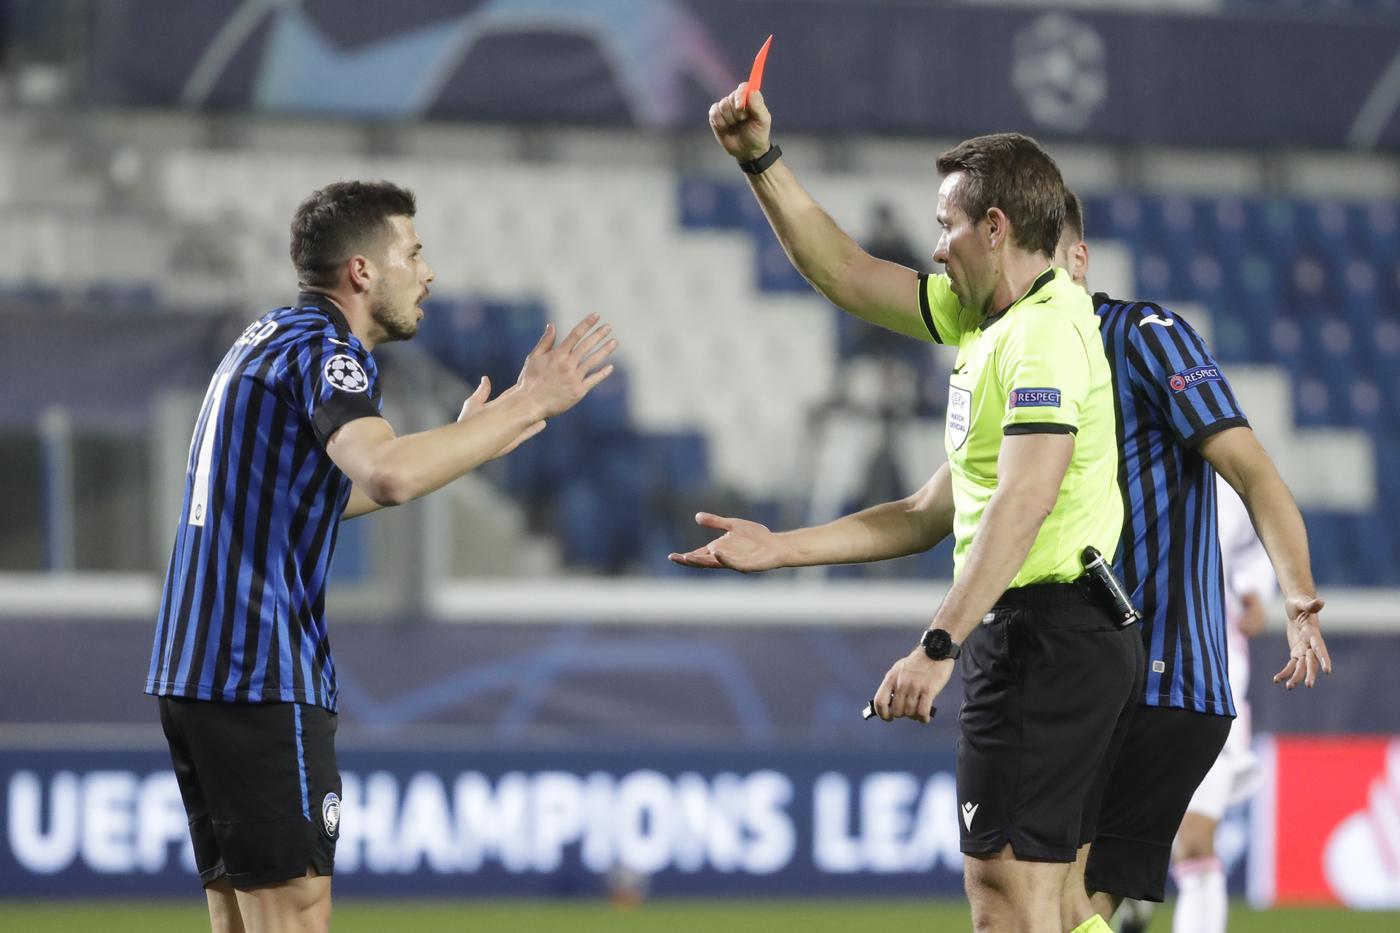 Calcio, l'Atalanta regge a lungo in dieci contro il Real Madrid ma nel finale cede per 0 1 negli ottavi di Champions League